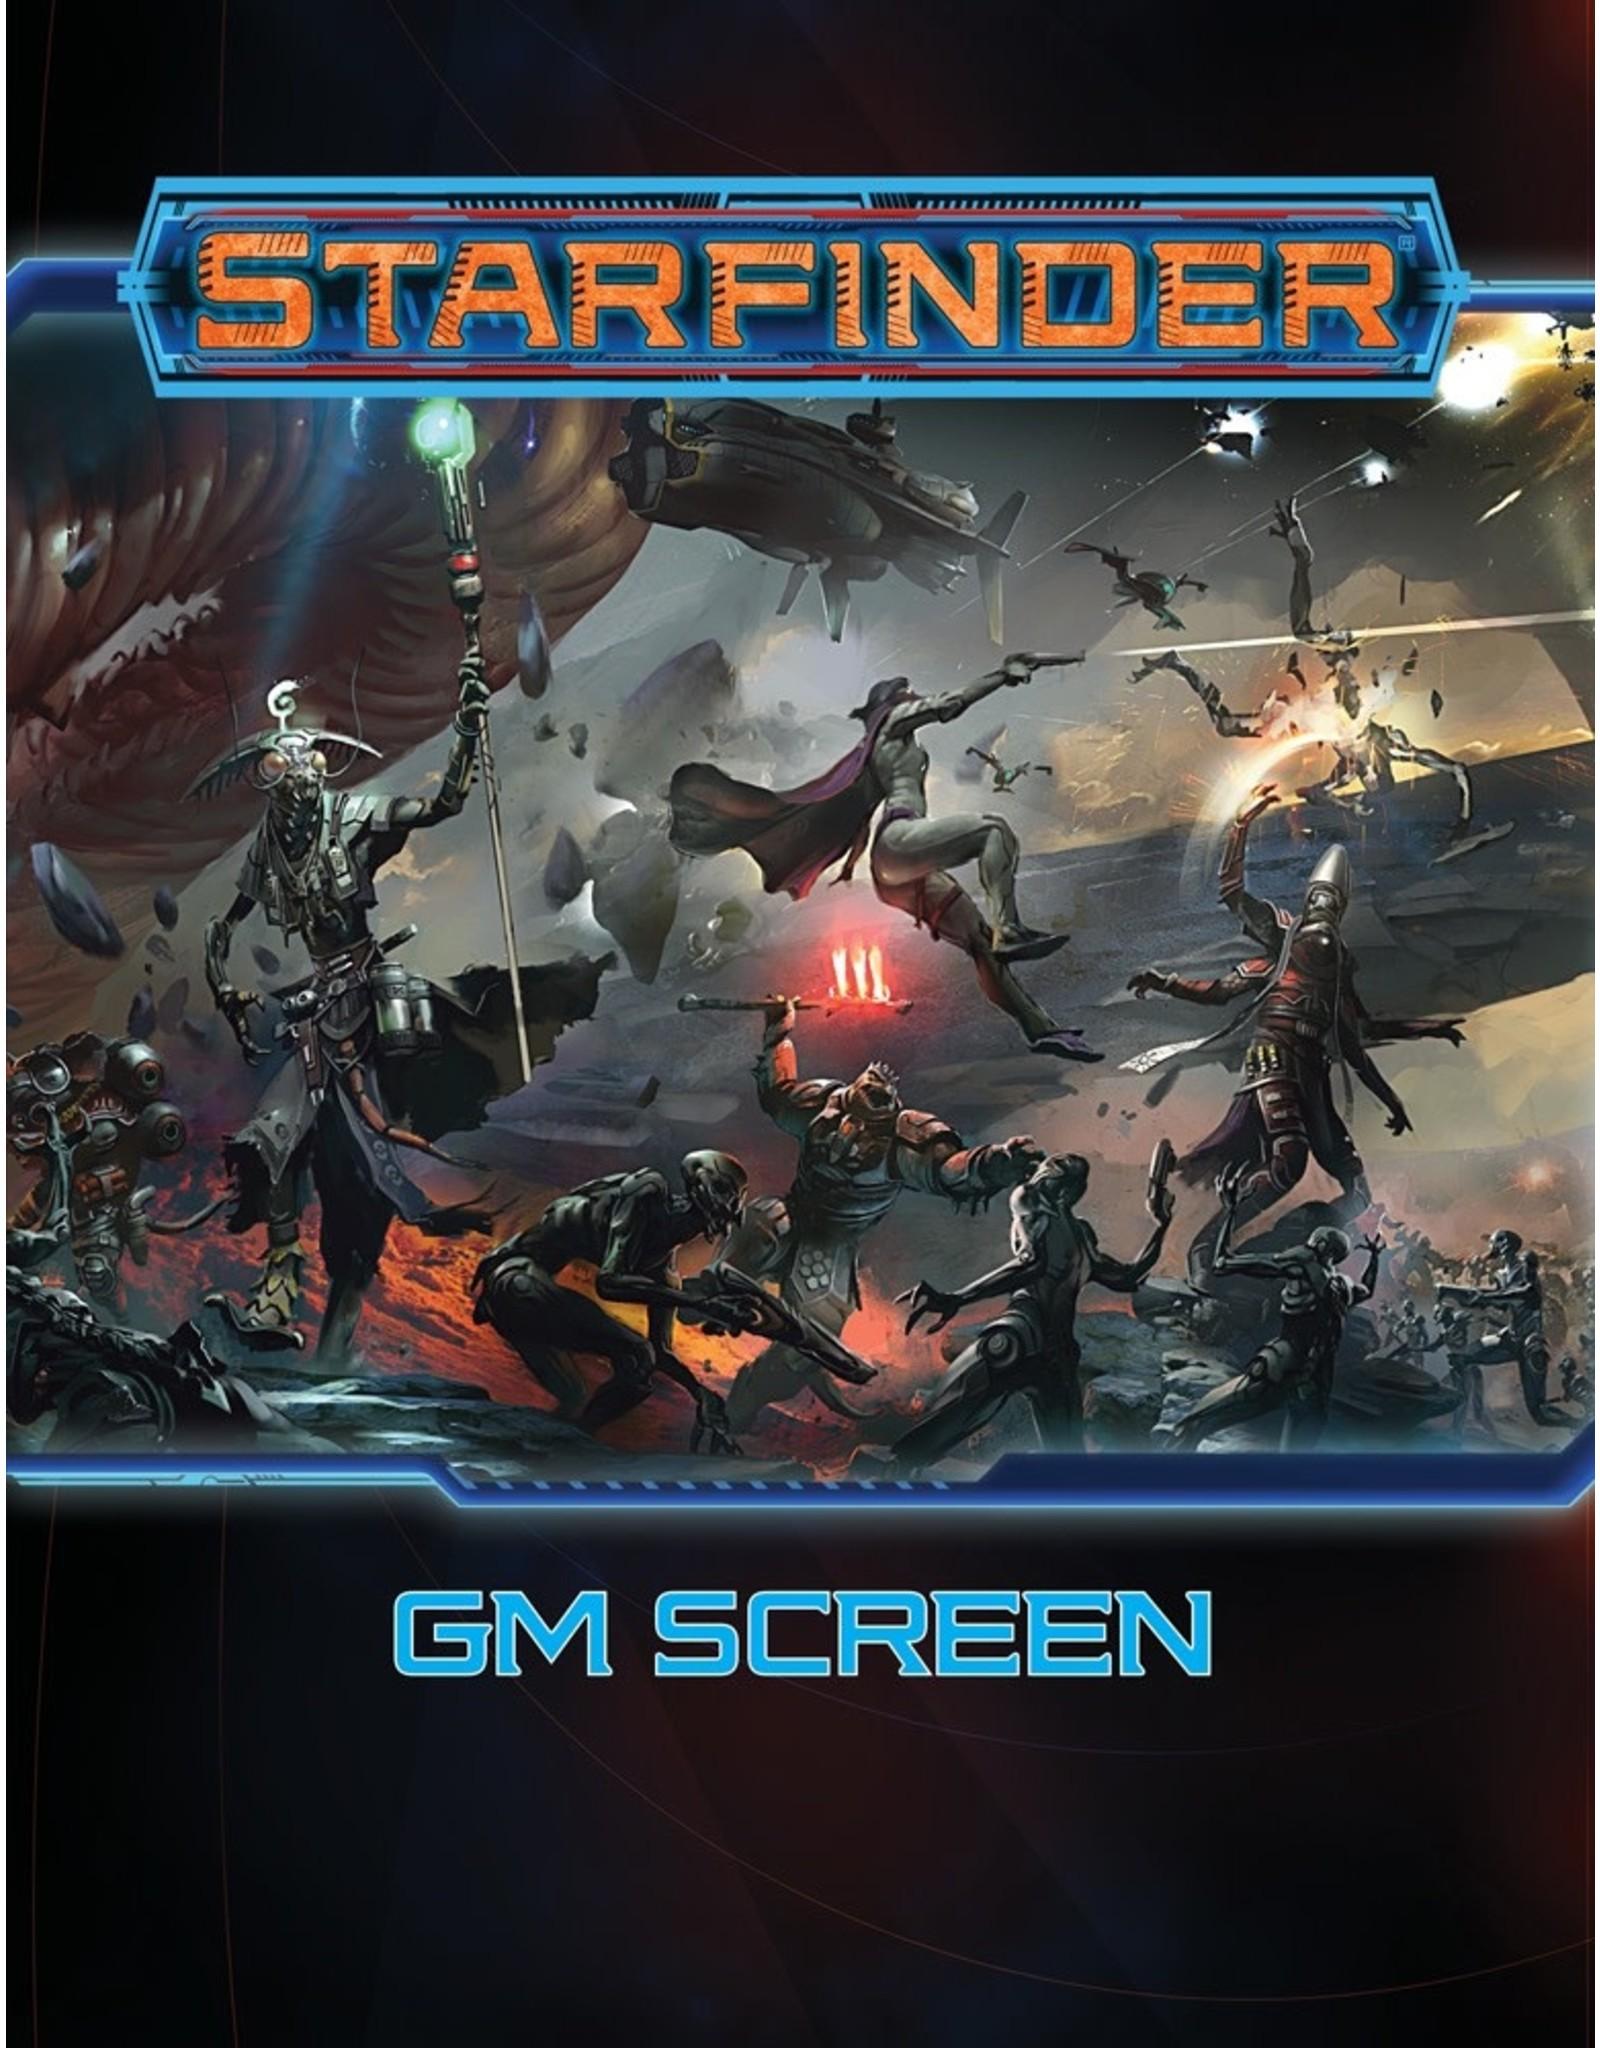 Paizo Starfinder GM Screen